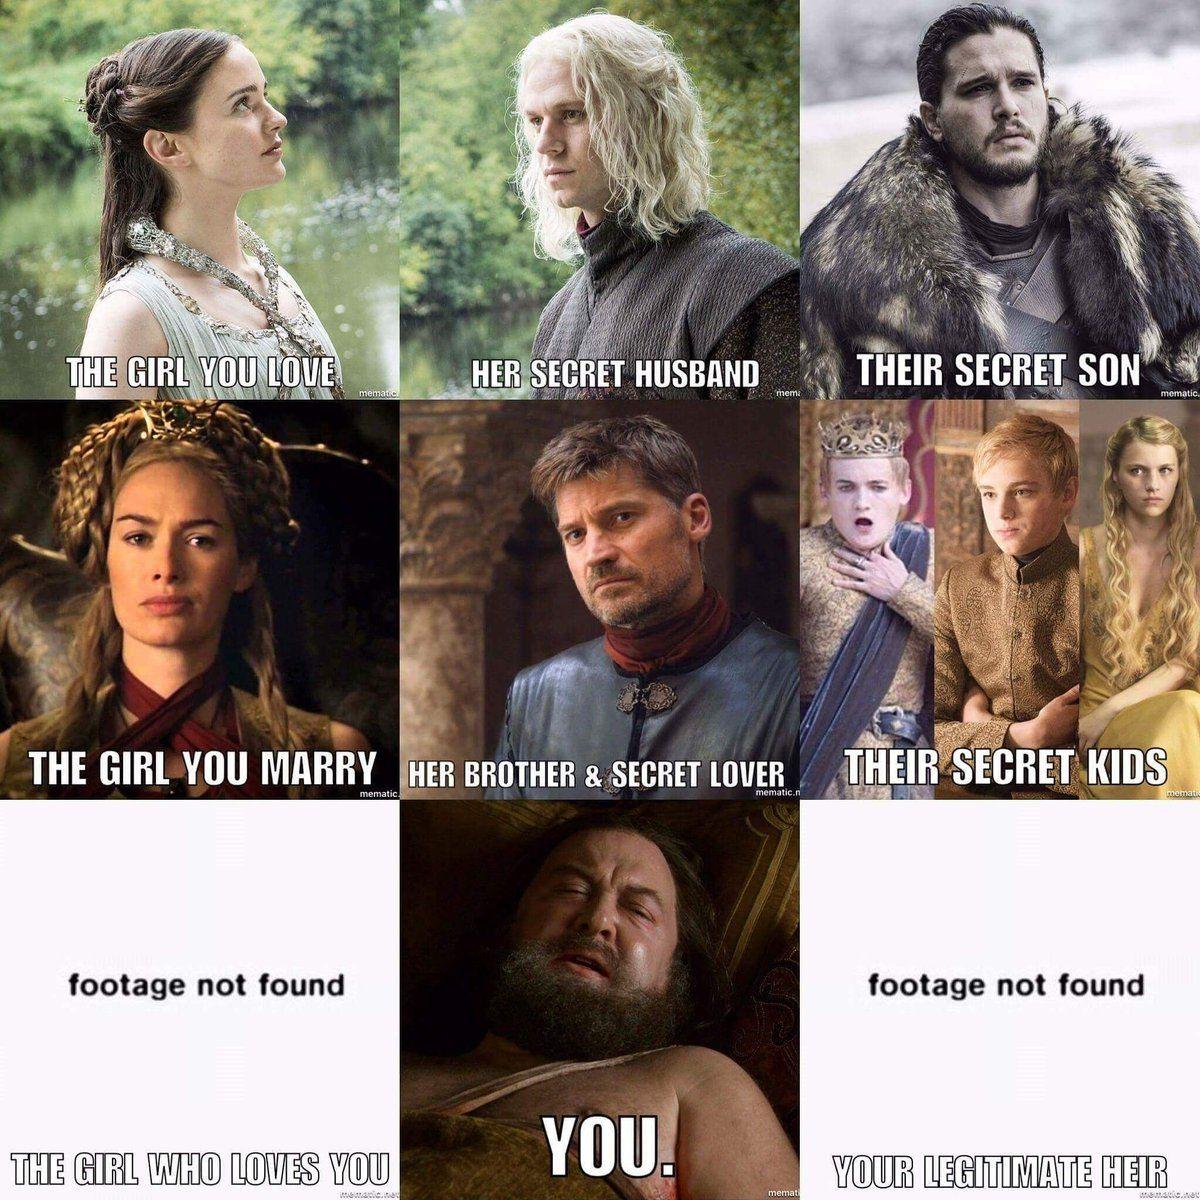 Game Of Thrones Meme Thrones Memes Twitter Game Of Thrones Meme Game Of Thrones Jokes Twitter Games